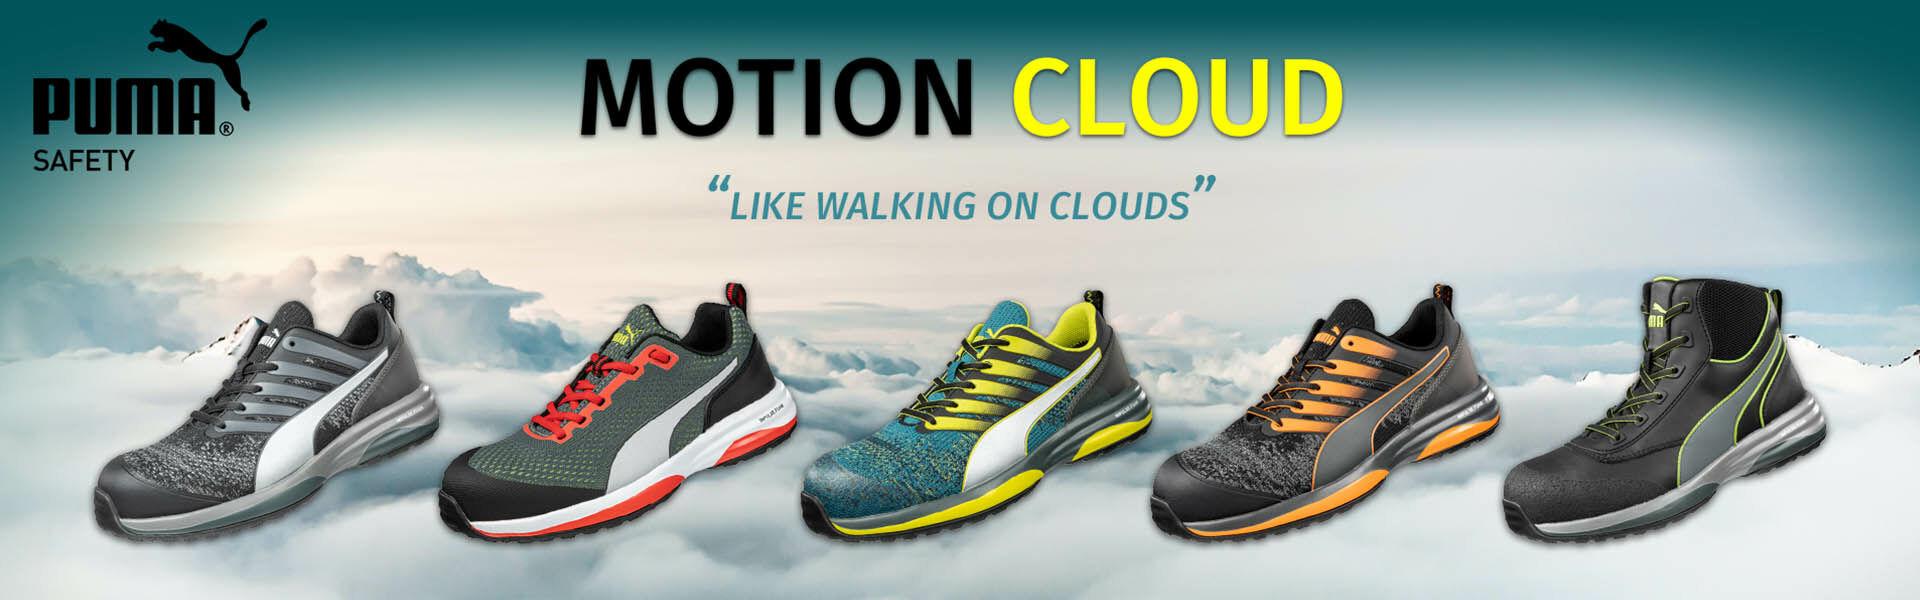 Puma Motion Cloud